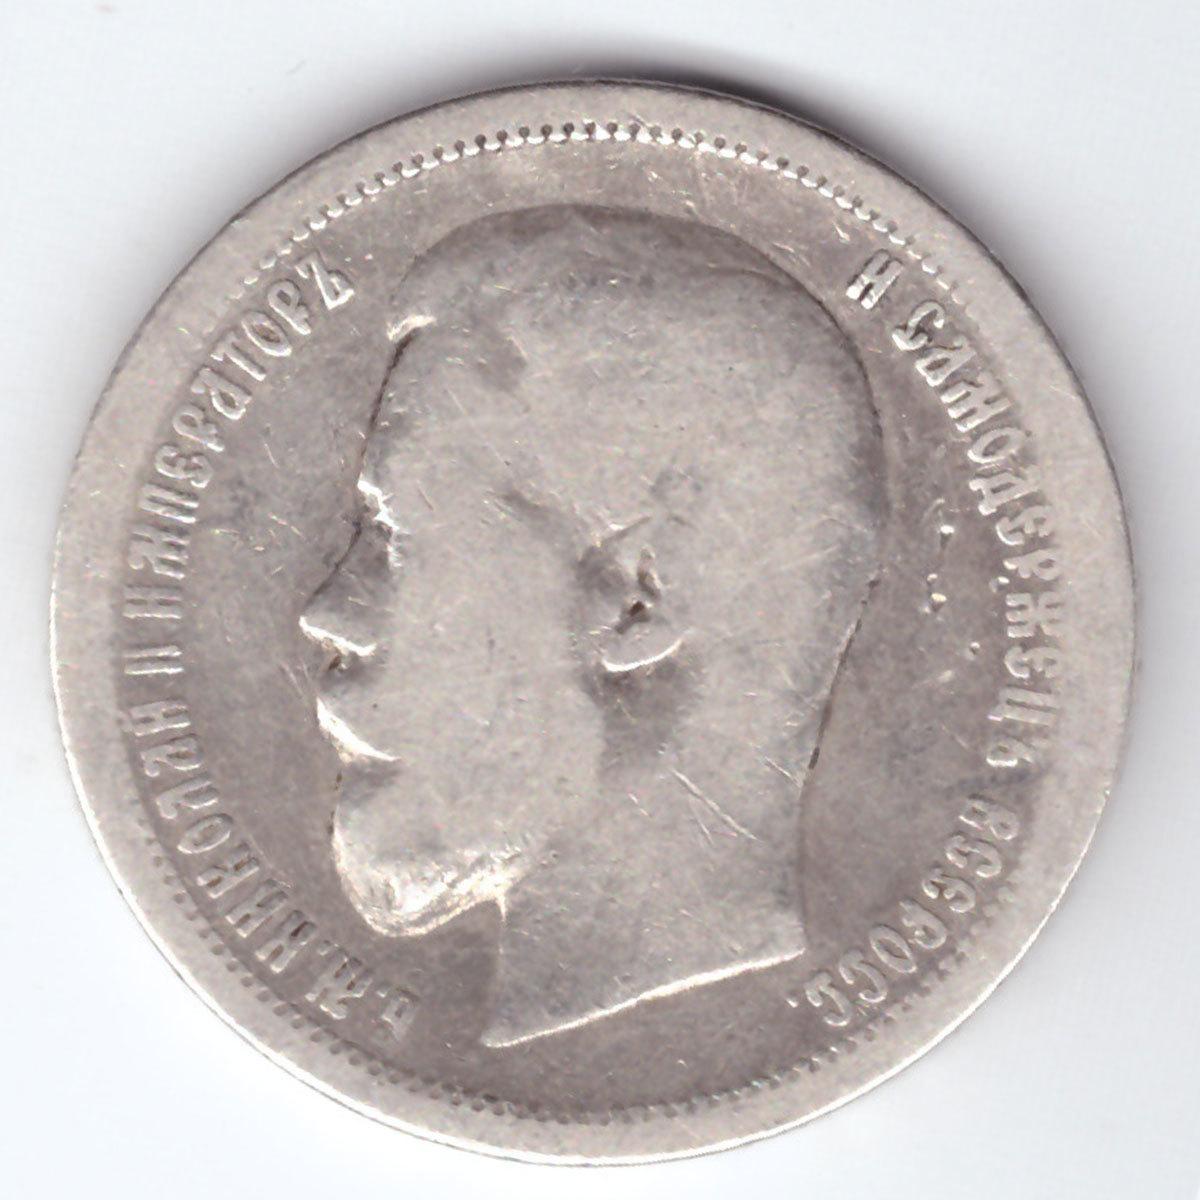 50 копеек 1899 год (АГ) F